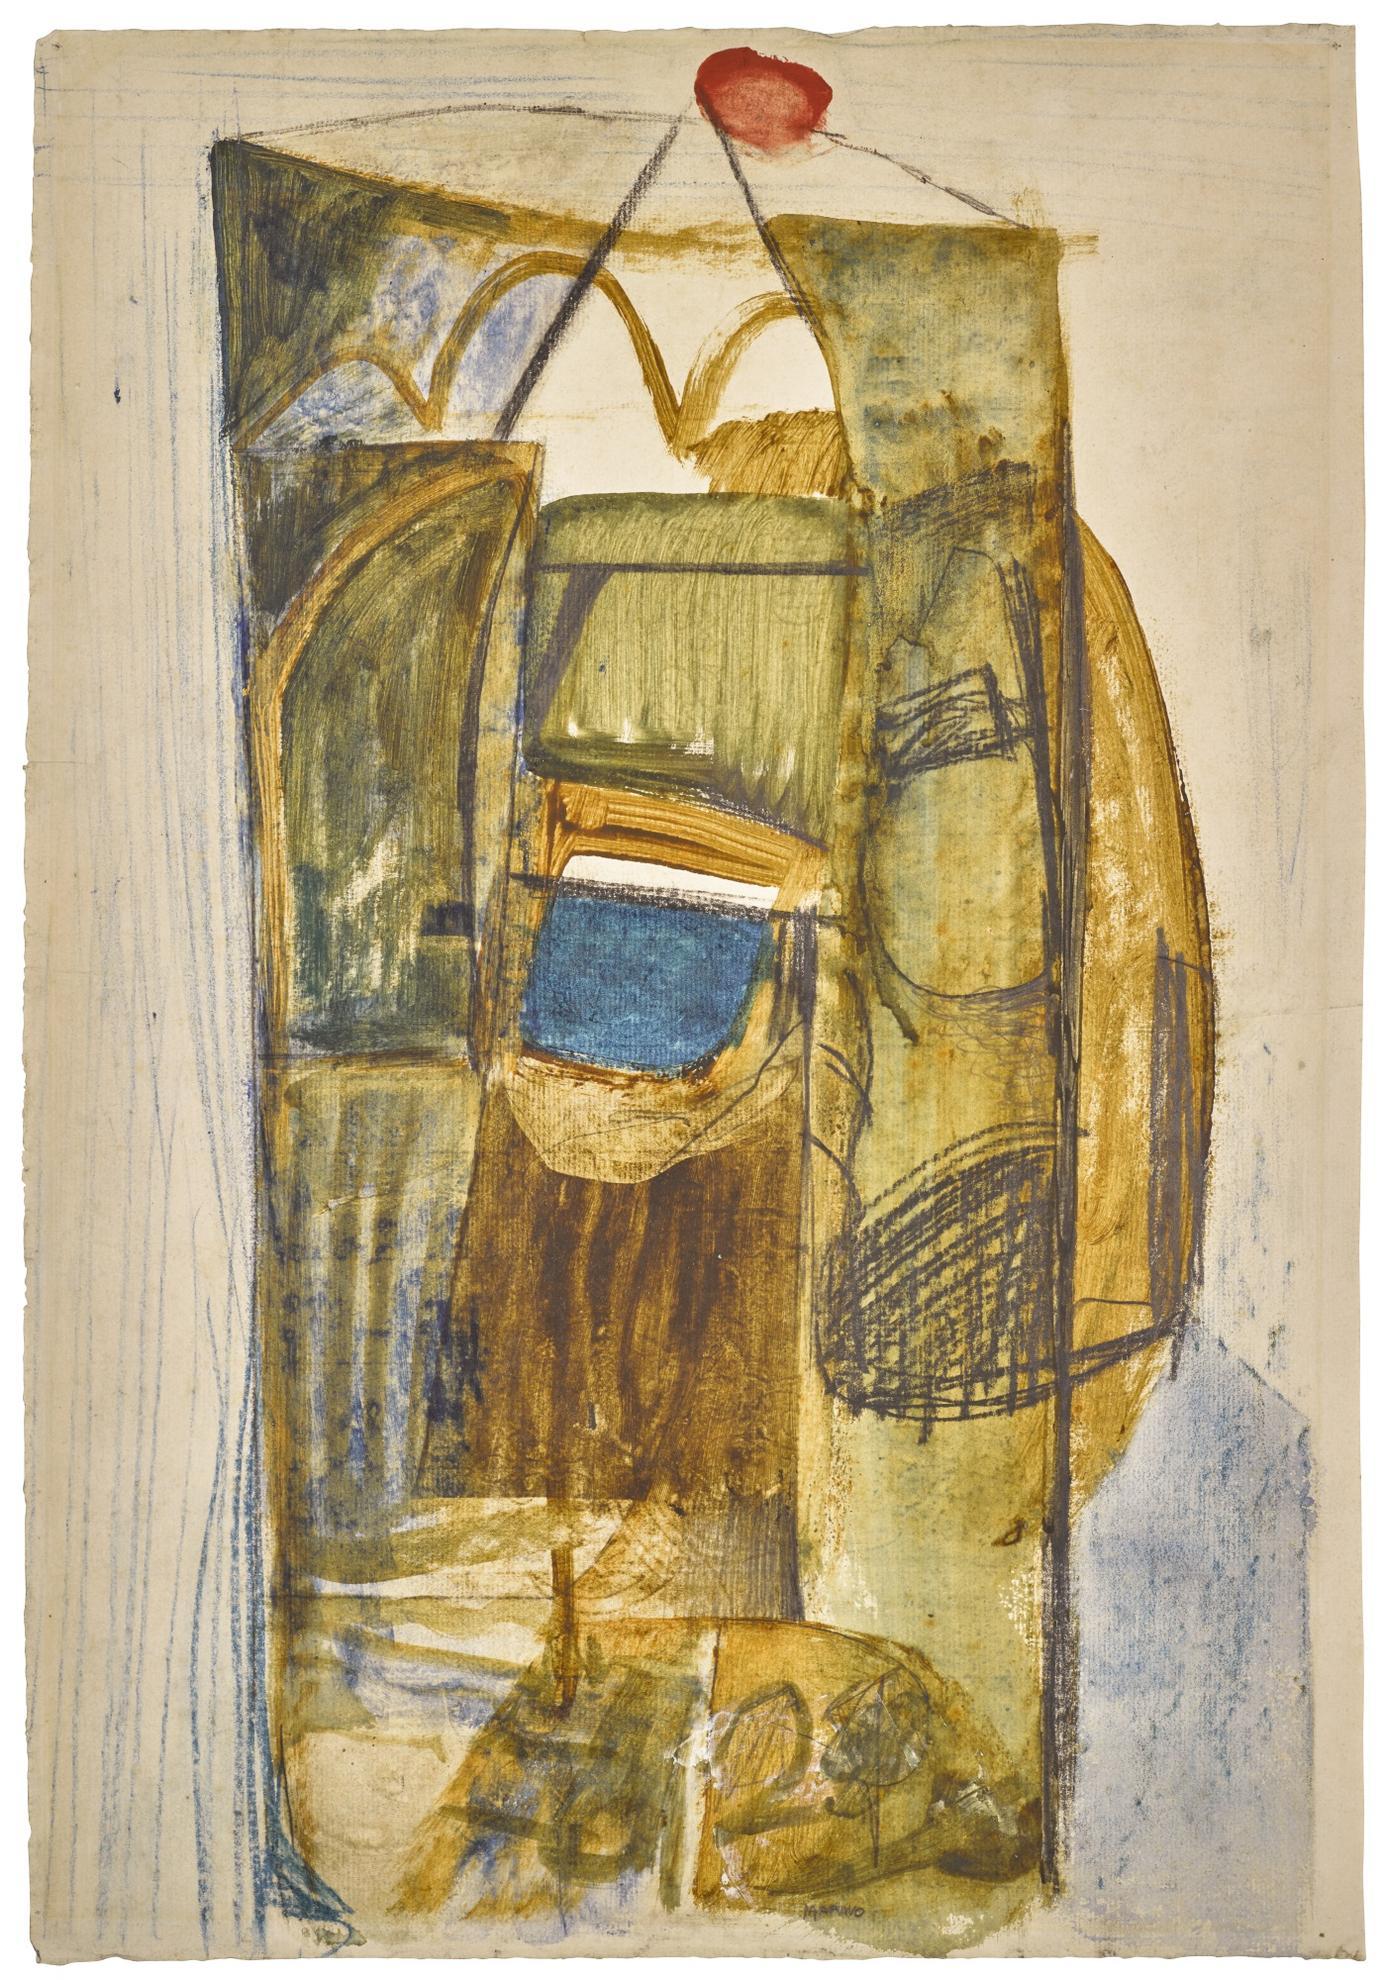 Peter Lanyon-Marino-1953